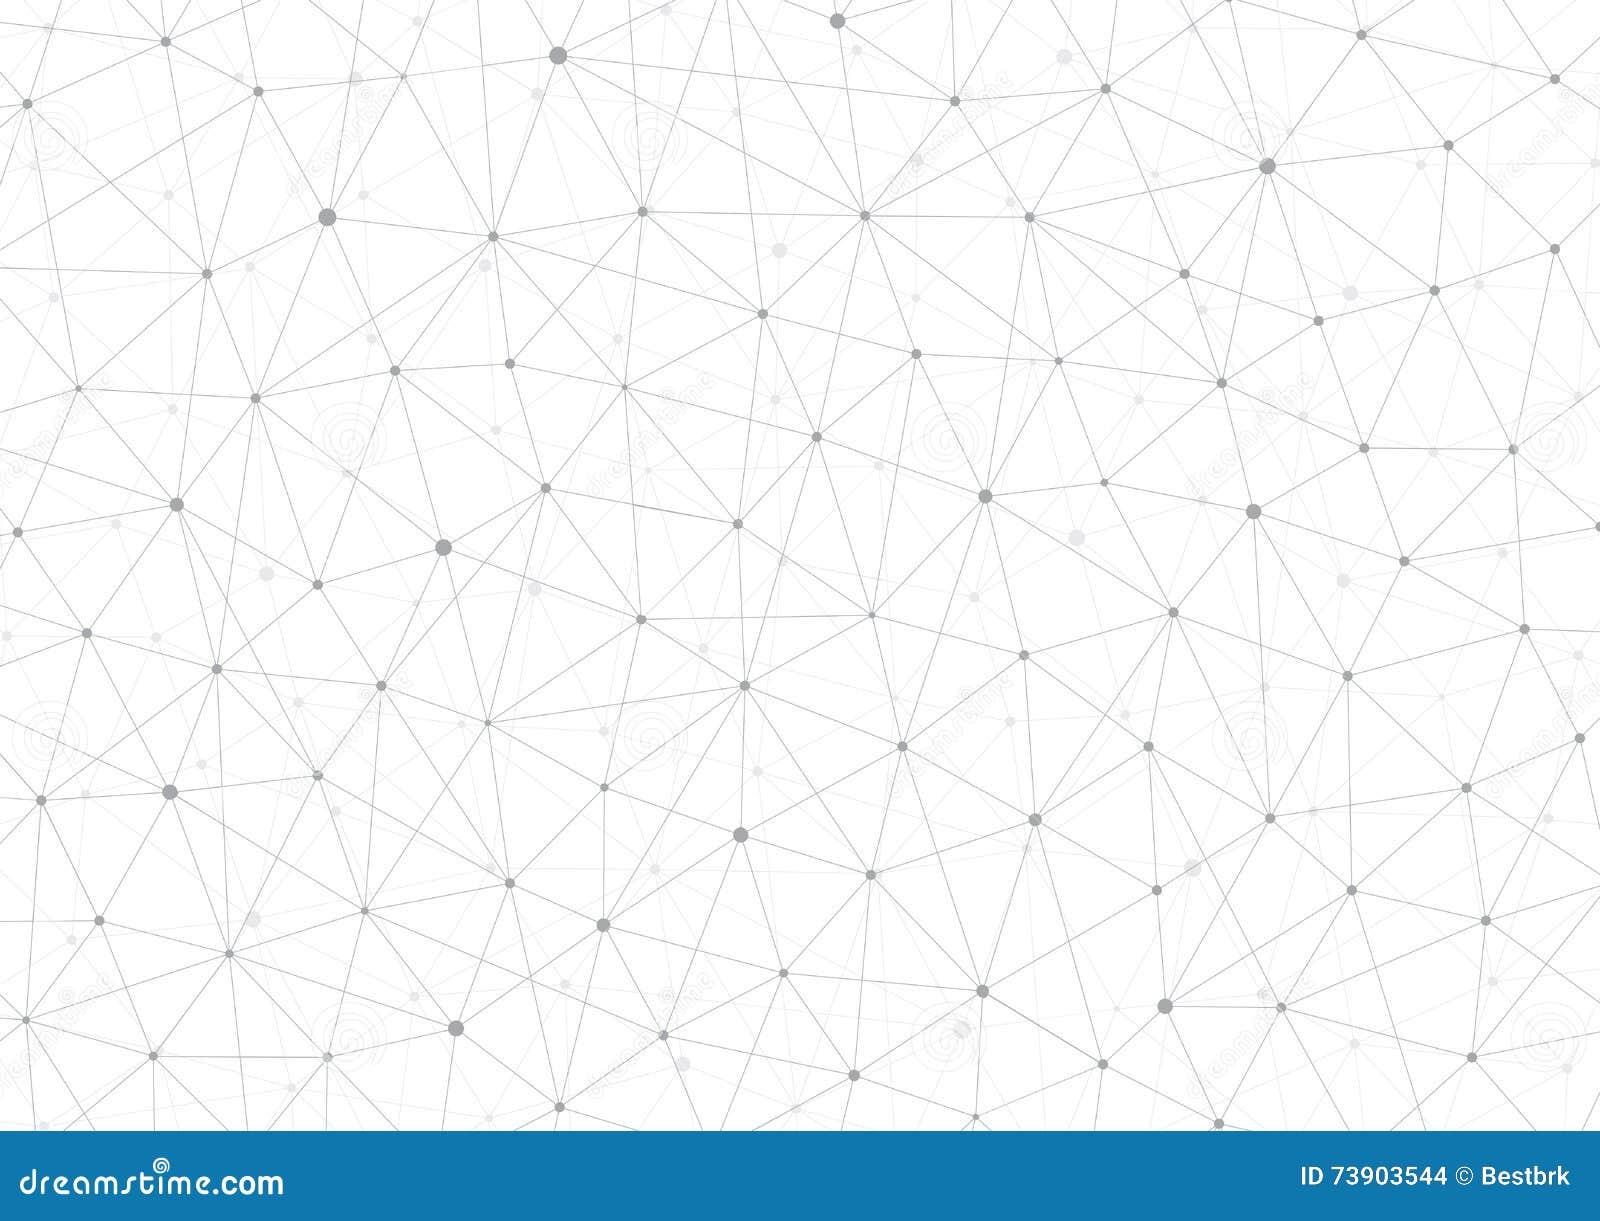 Anslutningsstruktur Molekyl av DNA:t och neurons abstrakt bakgrund Medicin vetenskapsteknologi vektor